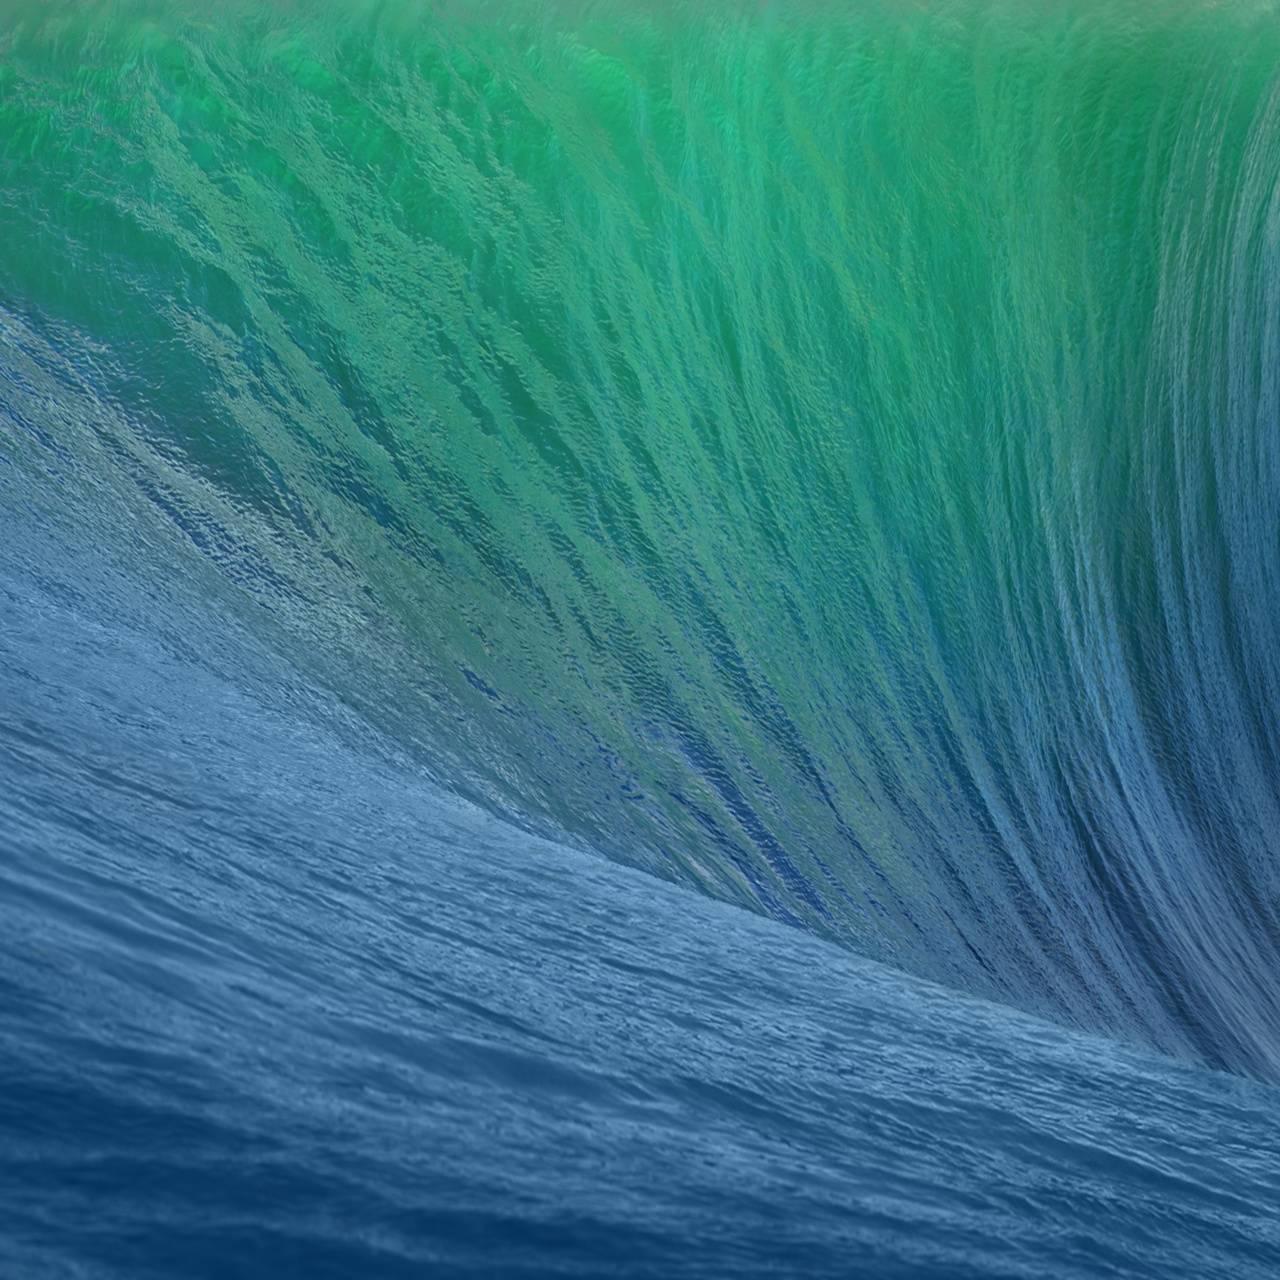 OS X Mavericks Wave